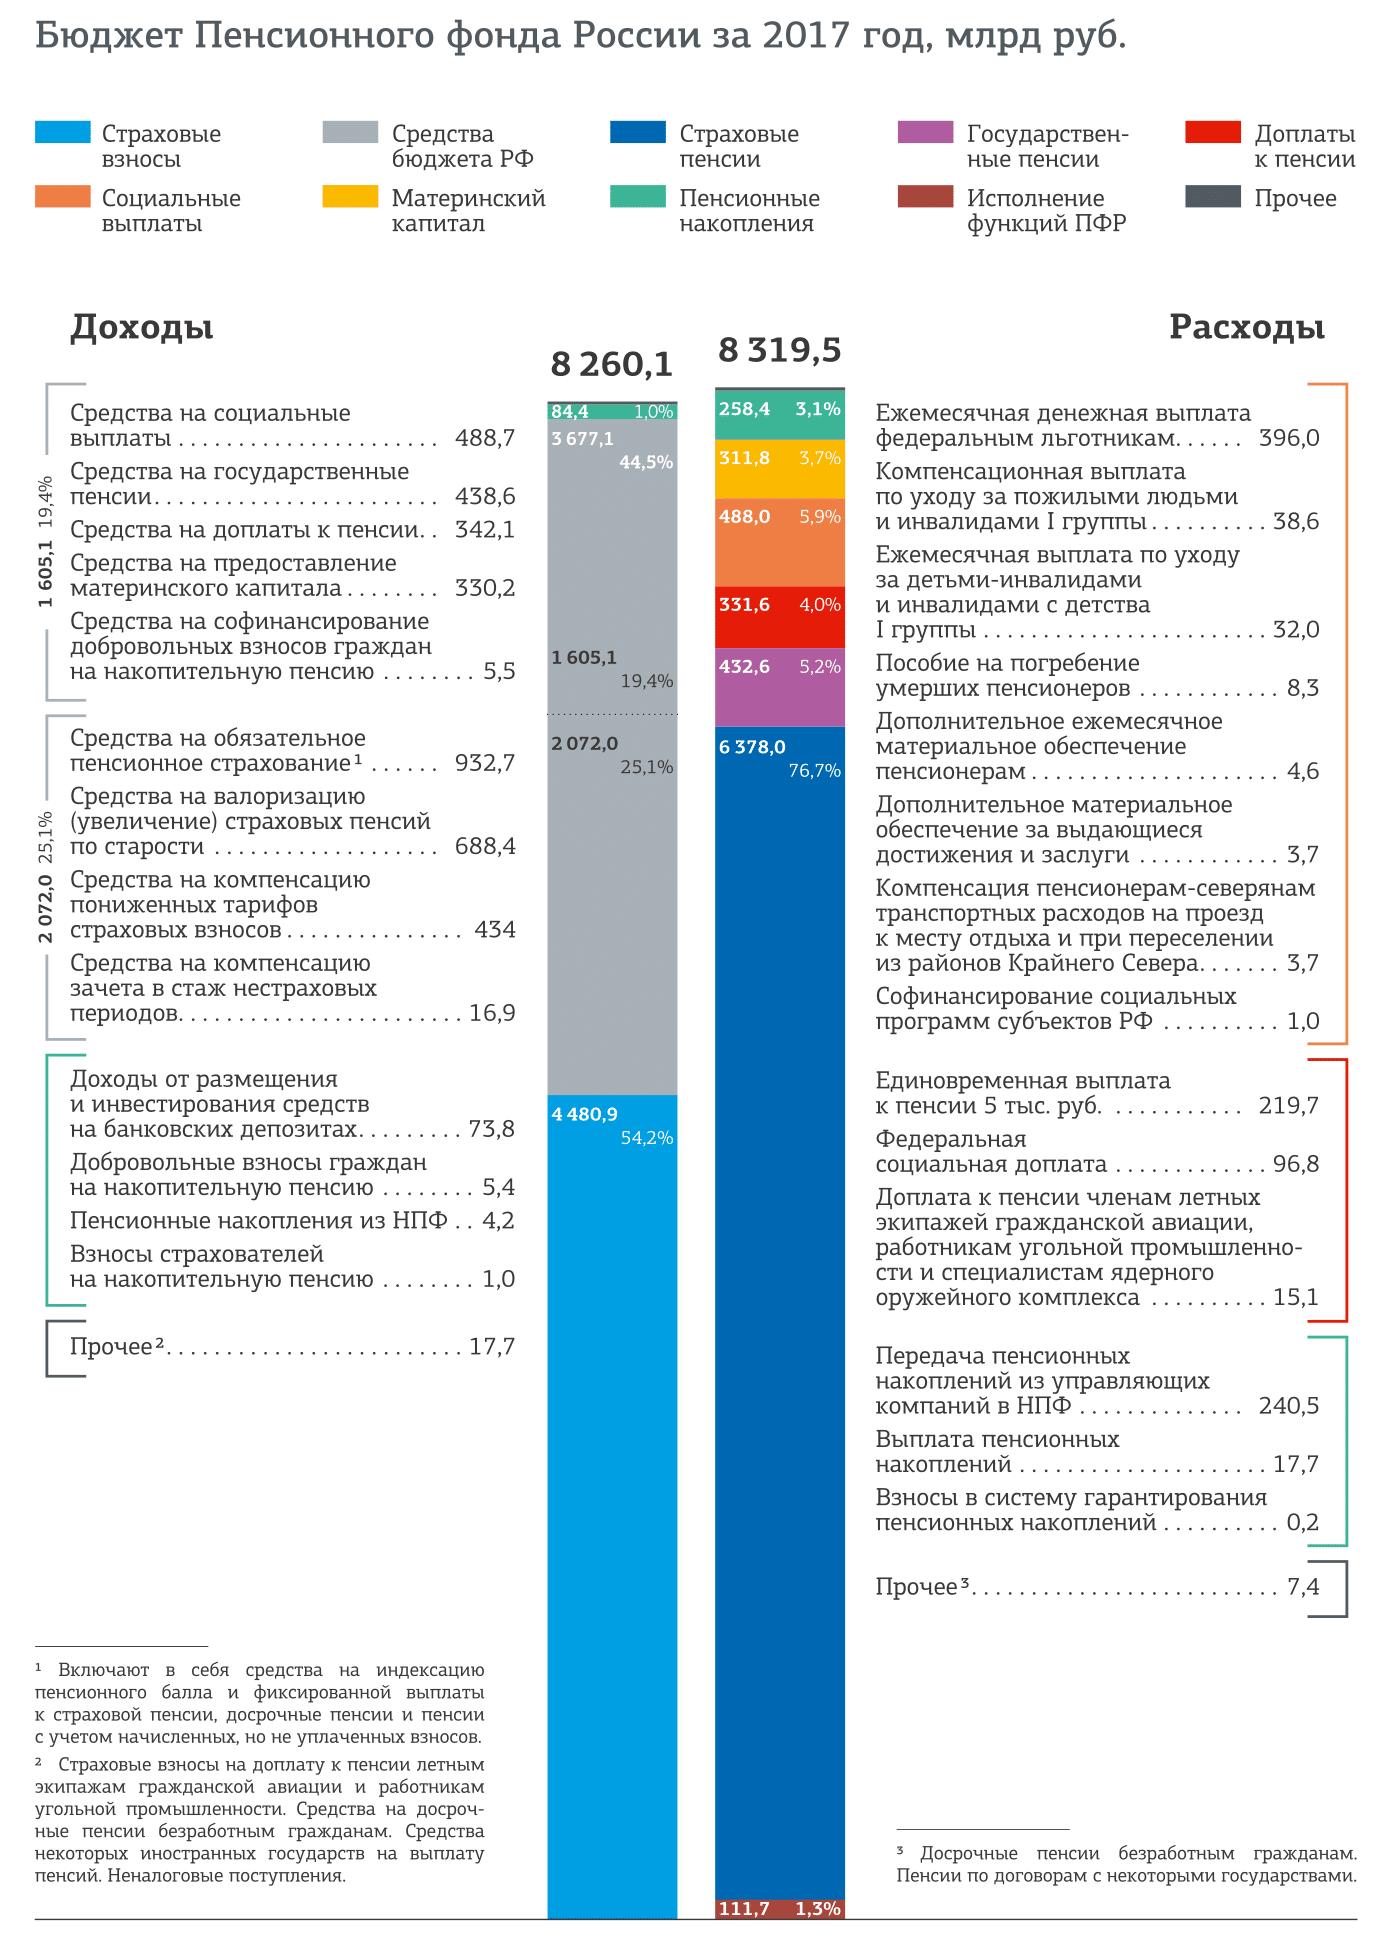 Источник: годовой отчет ПФР за 2017 год